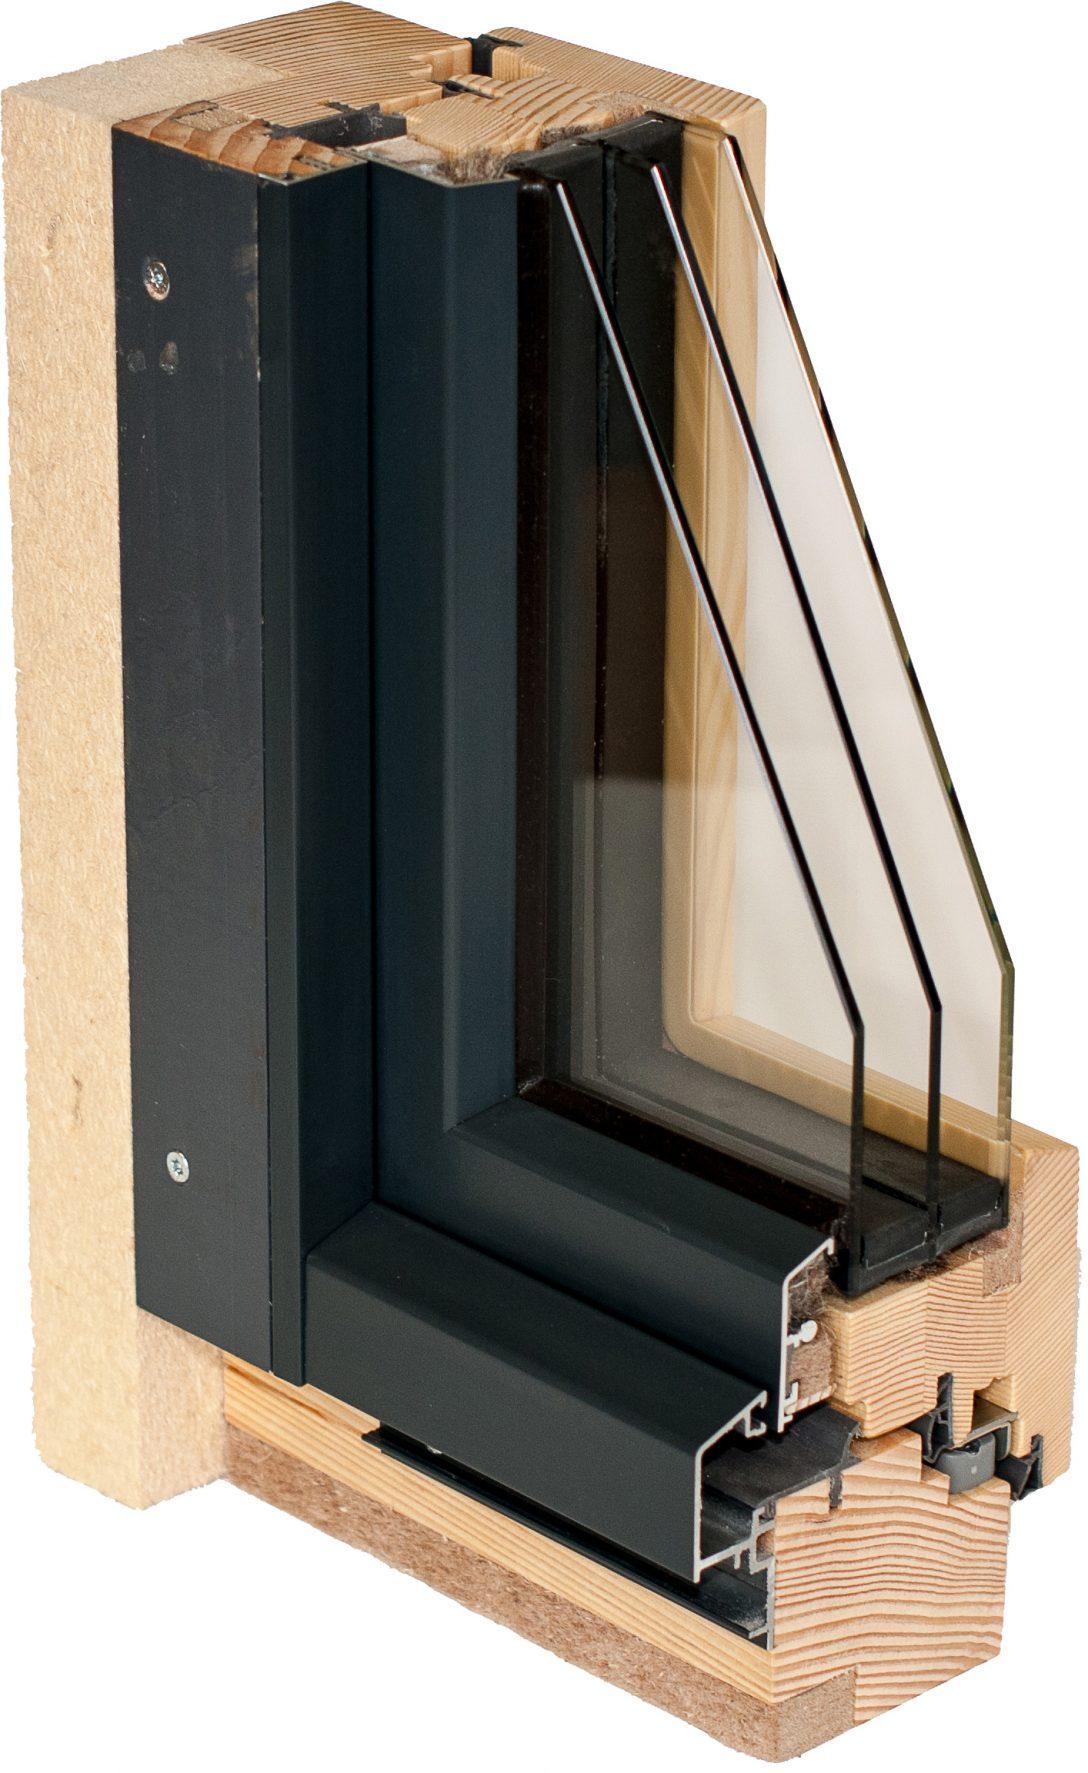 Large Size of Holz Alu Fenster Alu2holz Freisinger Fensterbau Fliesen In Holzoptik Bad Konfigurieren Trier Holzhäuser Garten Alarmanlagen Für Und Türen Fenster Holz Alu Fenster